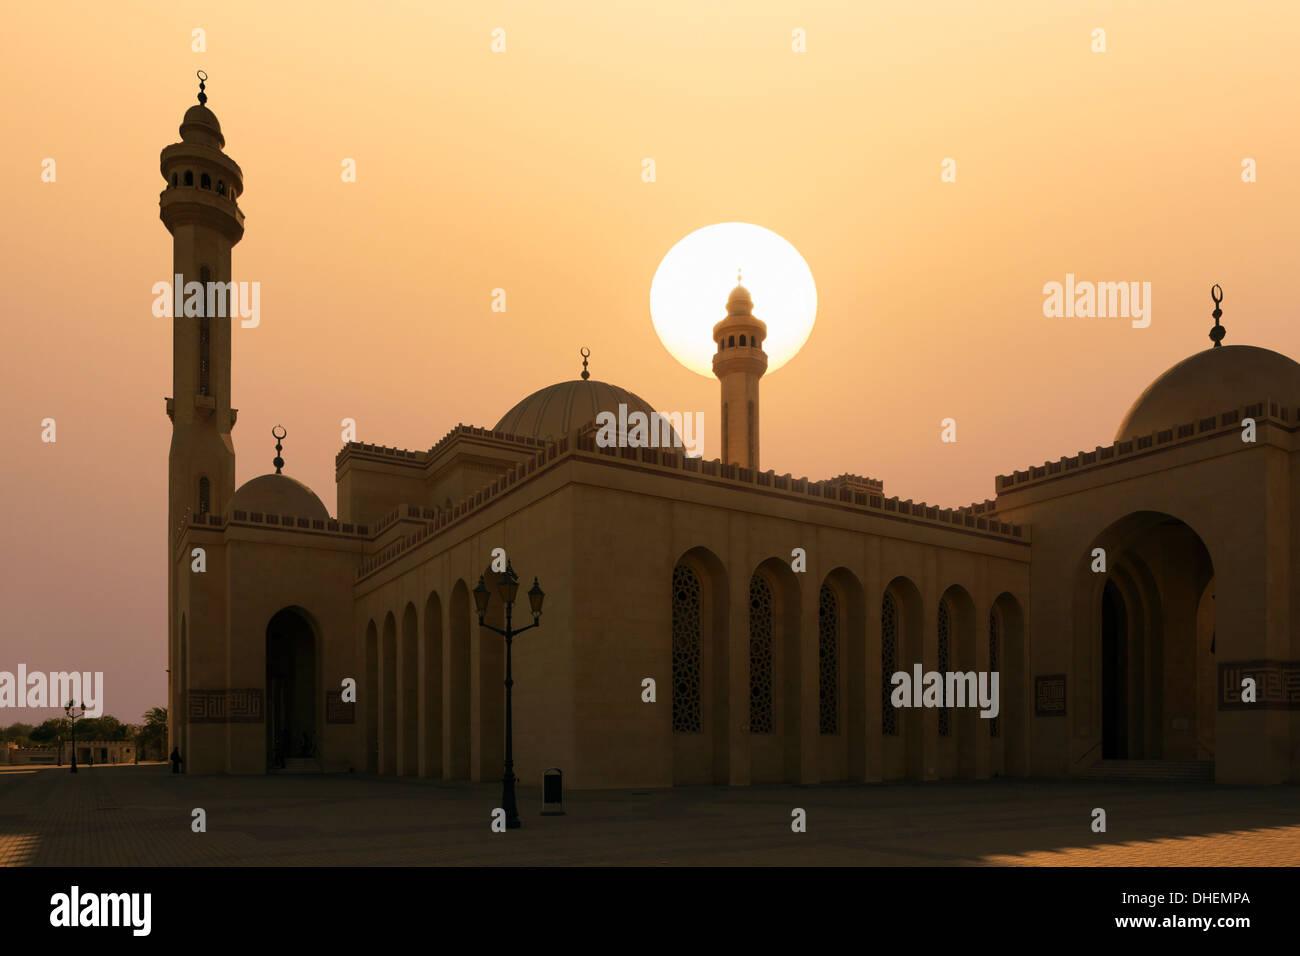 Al Fateh Grand Mosque, Manama, Bahrain, Middle East - Stock Image